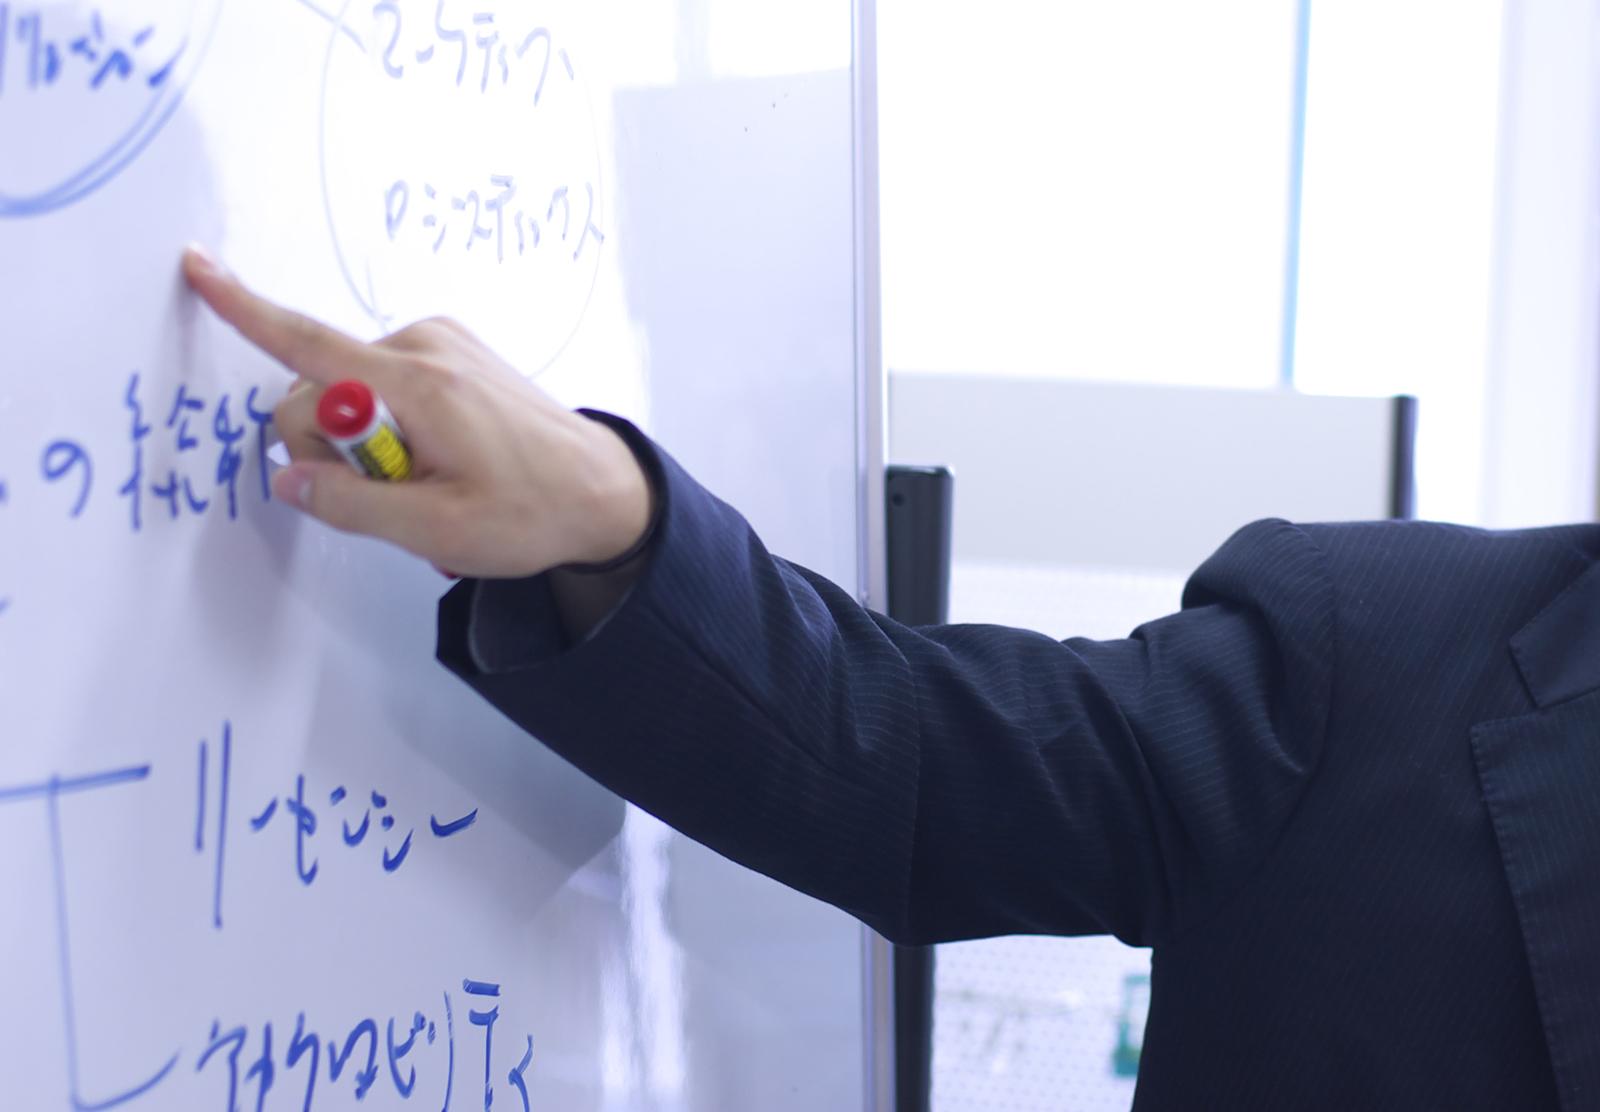 家庭用リチウムイオン蓄電池(エネハンド・Smart Star L)の販売店募集